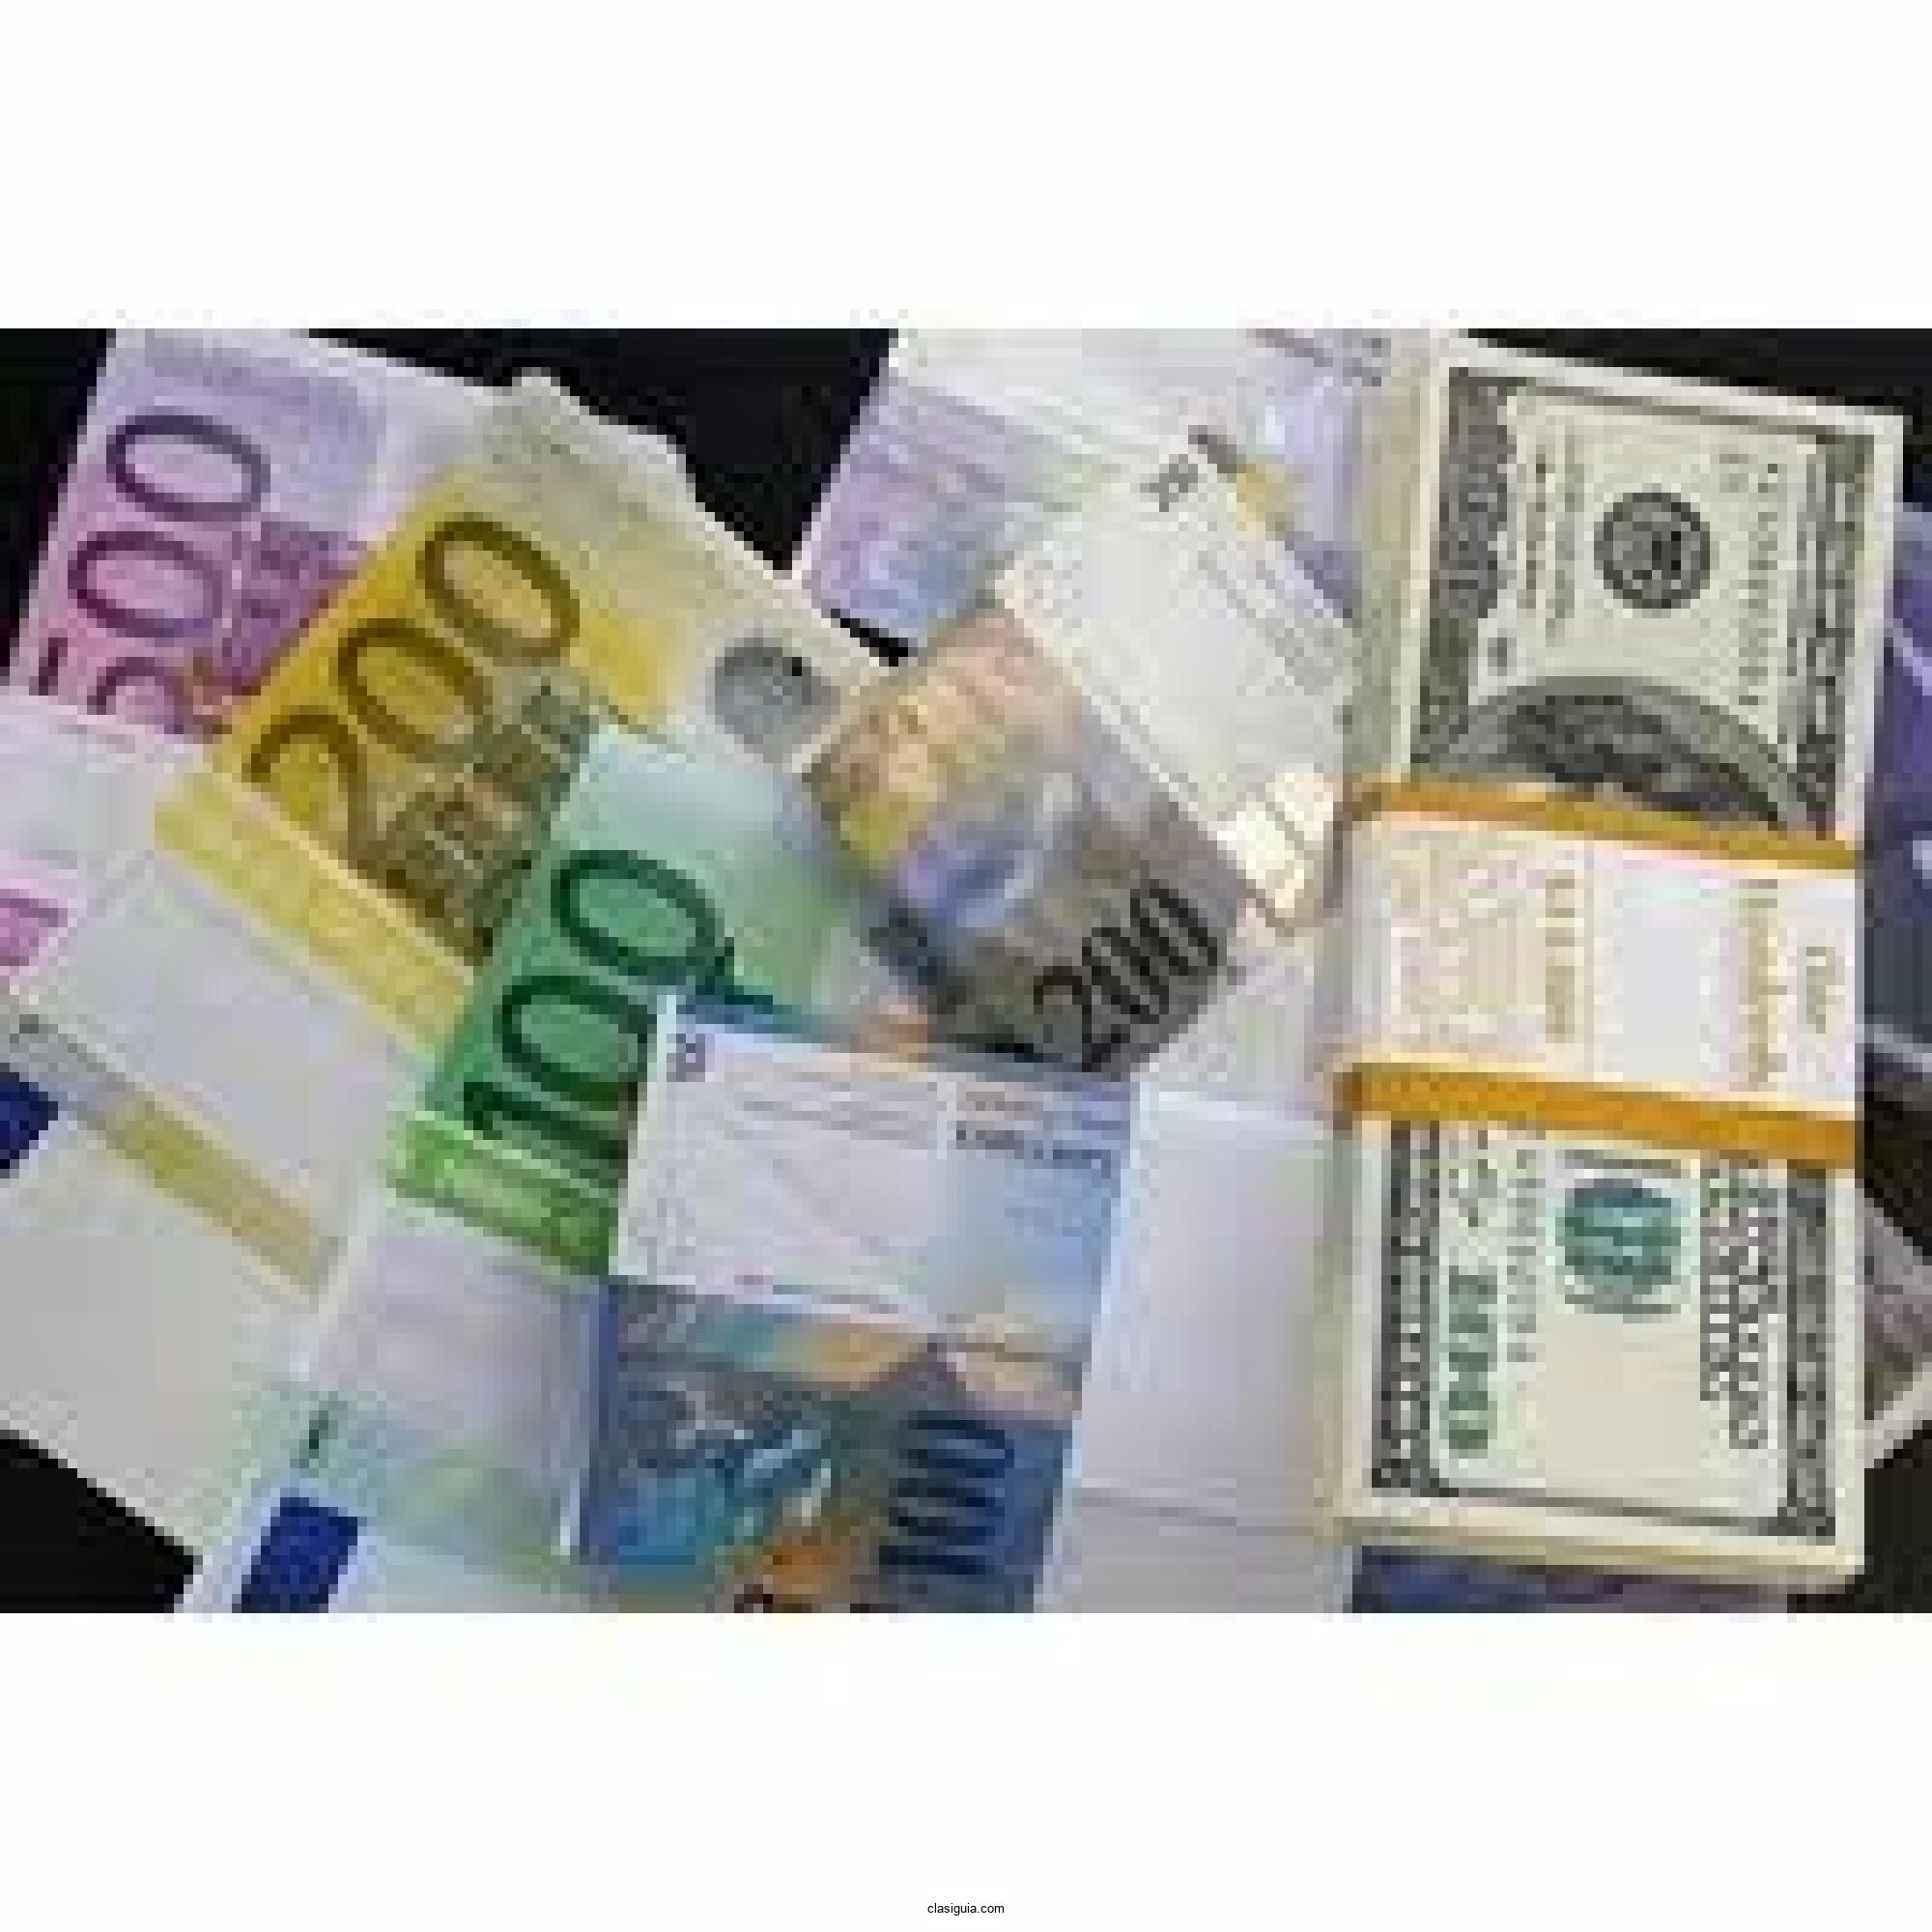 Oferta de préstamo húngaro rápida y seria